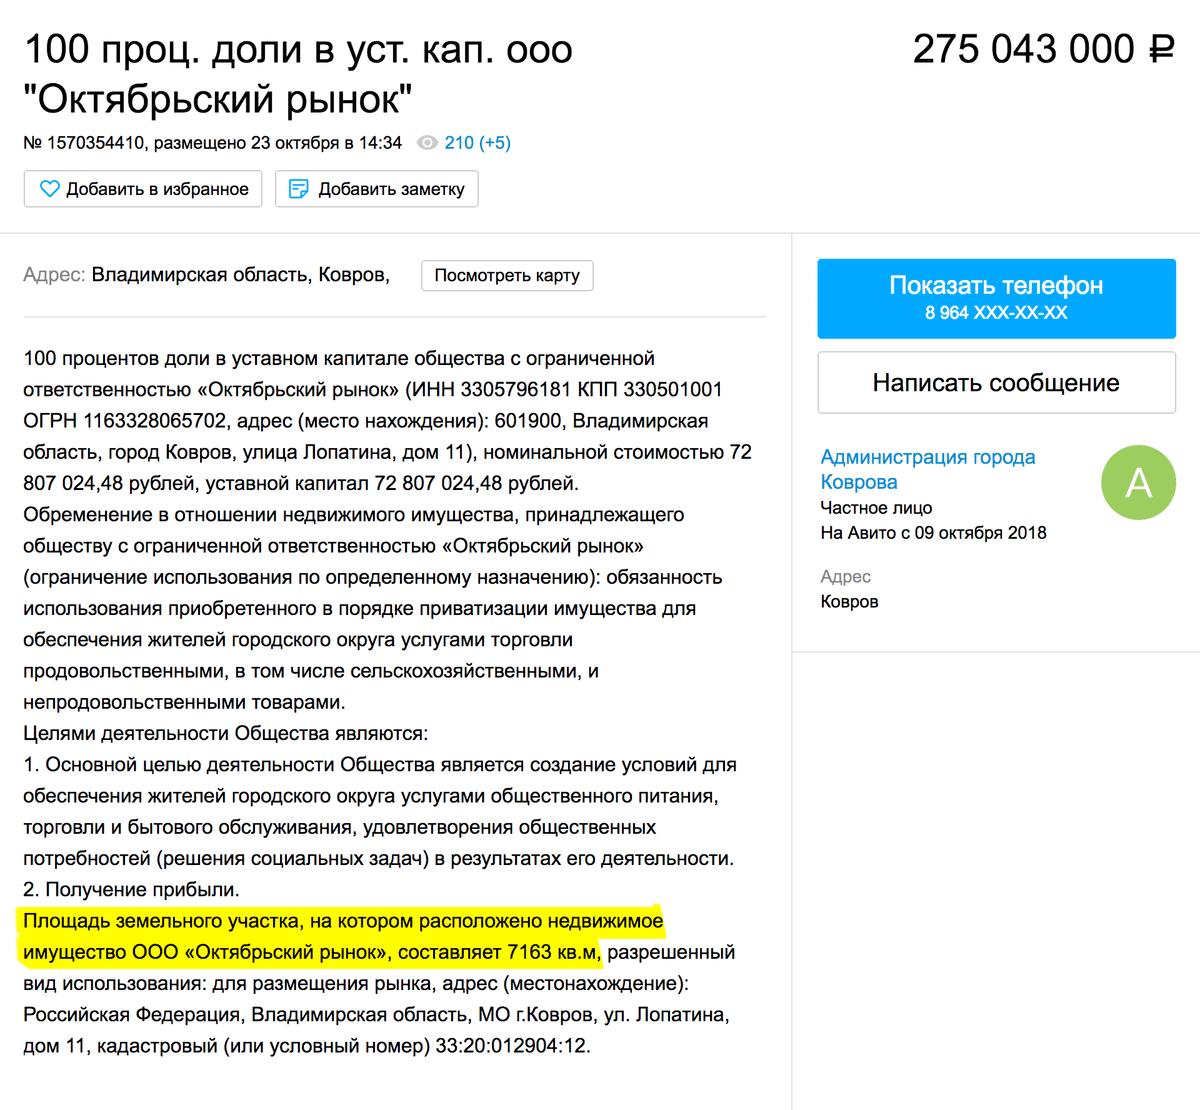 Рынок площадью 7,1 тысячи квадратных метров в центре Коврова можно купить за 275 млн рублей. Объявление на «Авито»